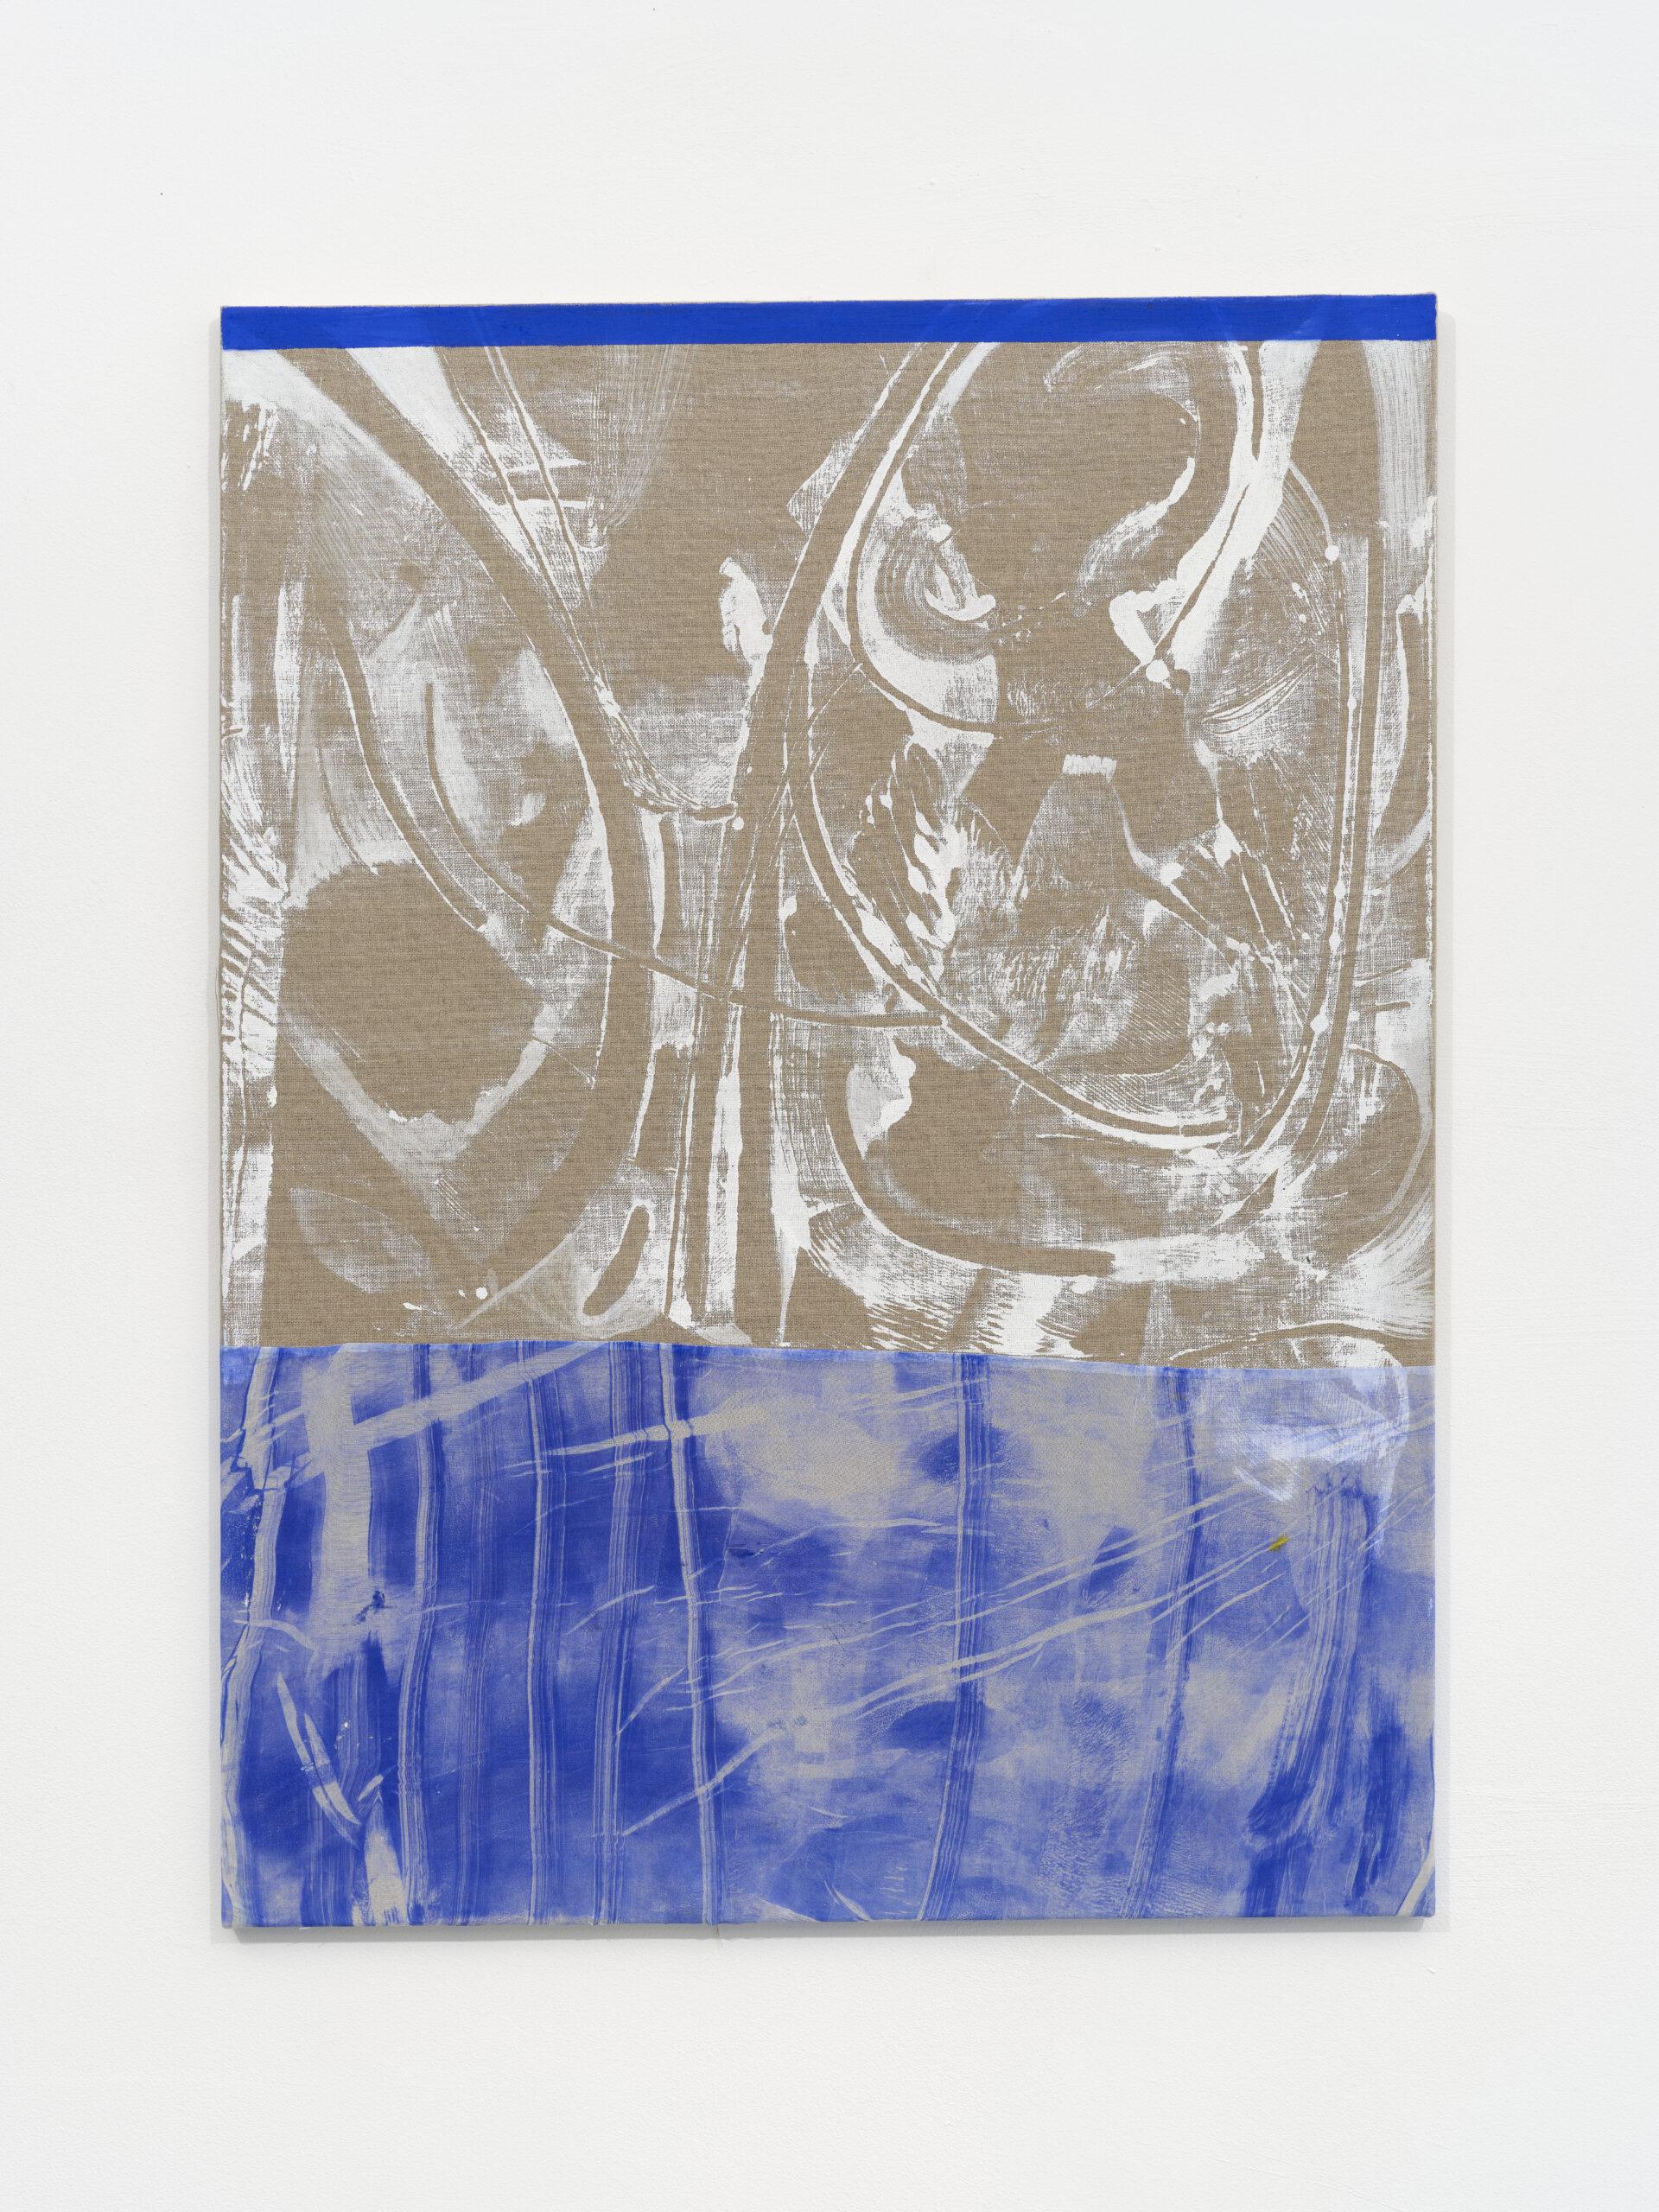 Emma_ Løkke_ Telling me of elsewhere_2021_ Öl und Linolfarbe auf Stoff und Leinen_ 100 x 75 cm